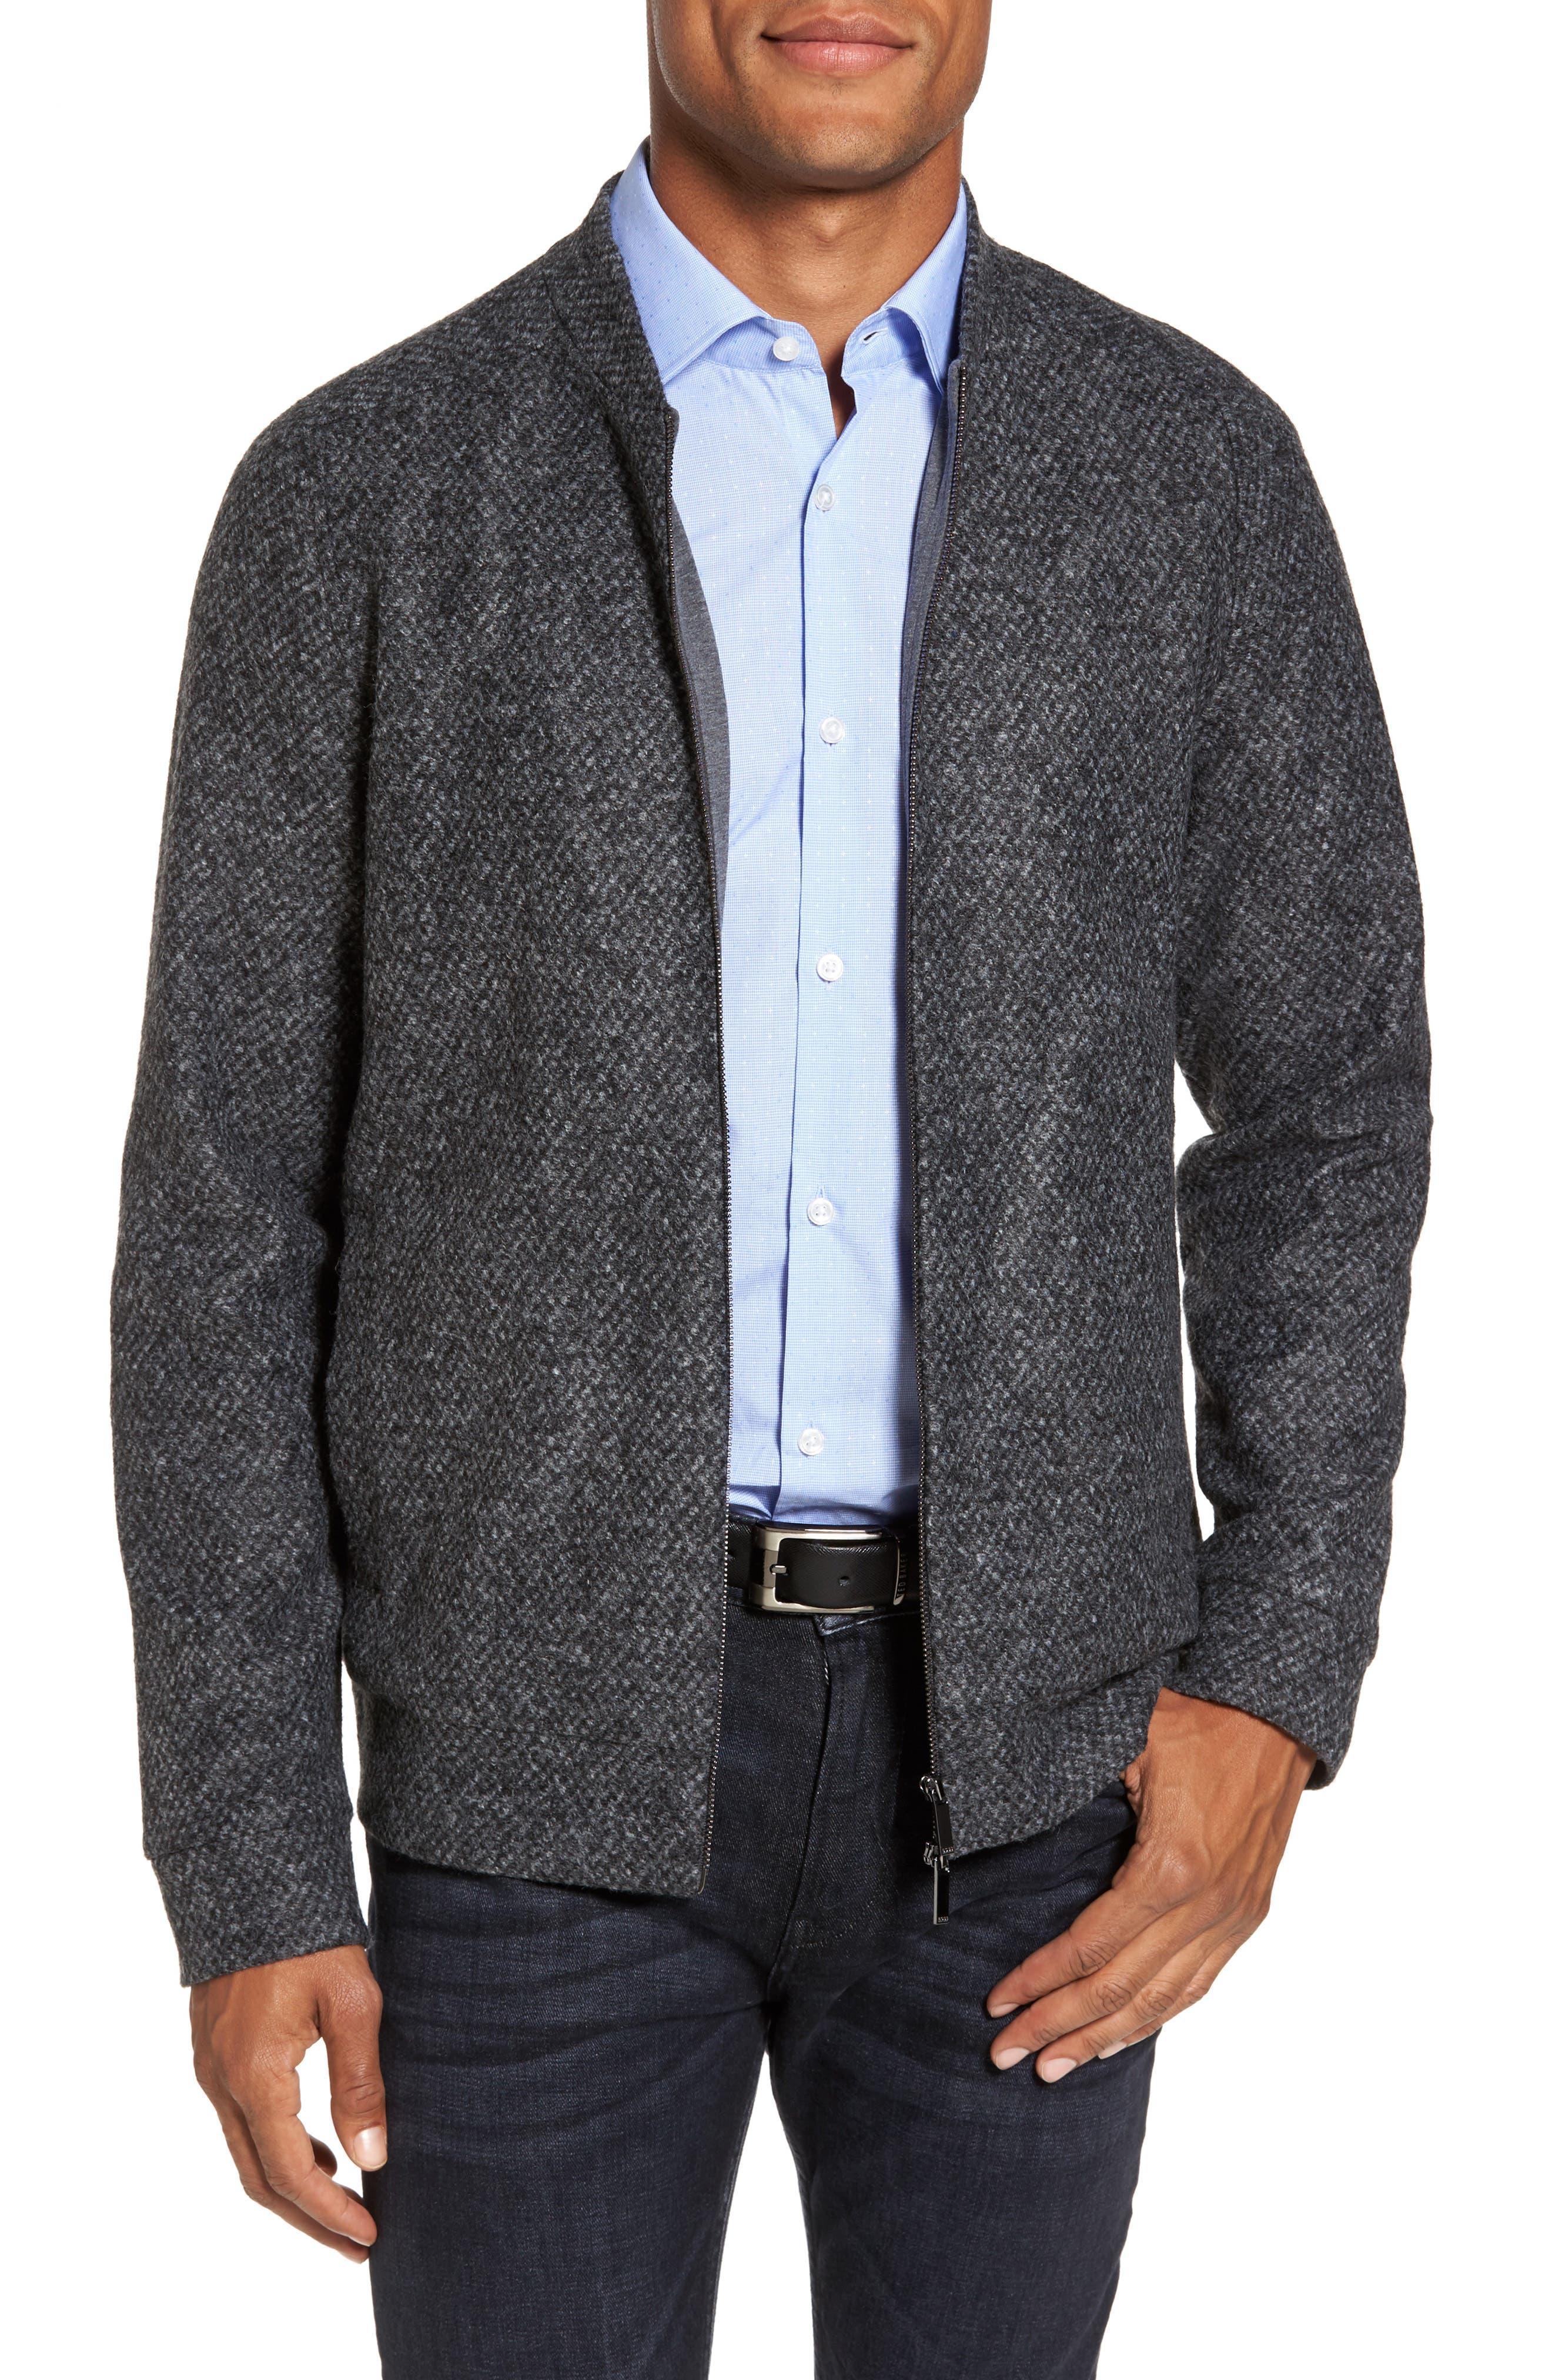 Salea Slim Fit Bomber Jacket,                         Main,                         color,